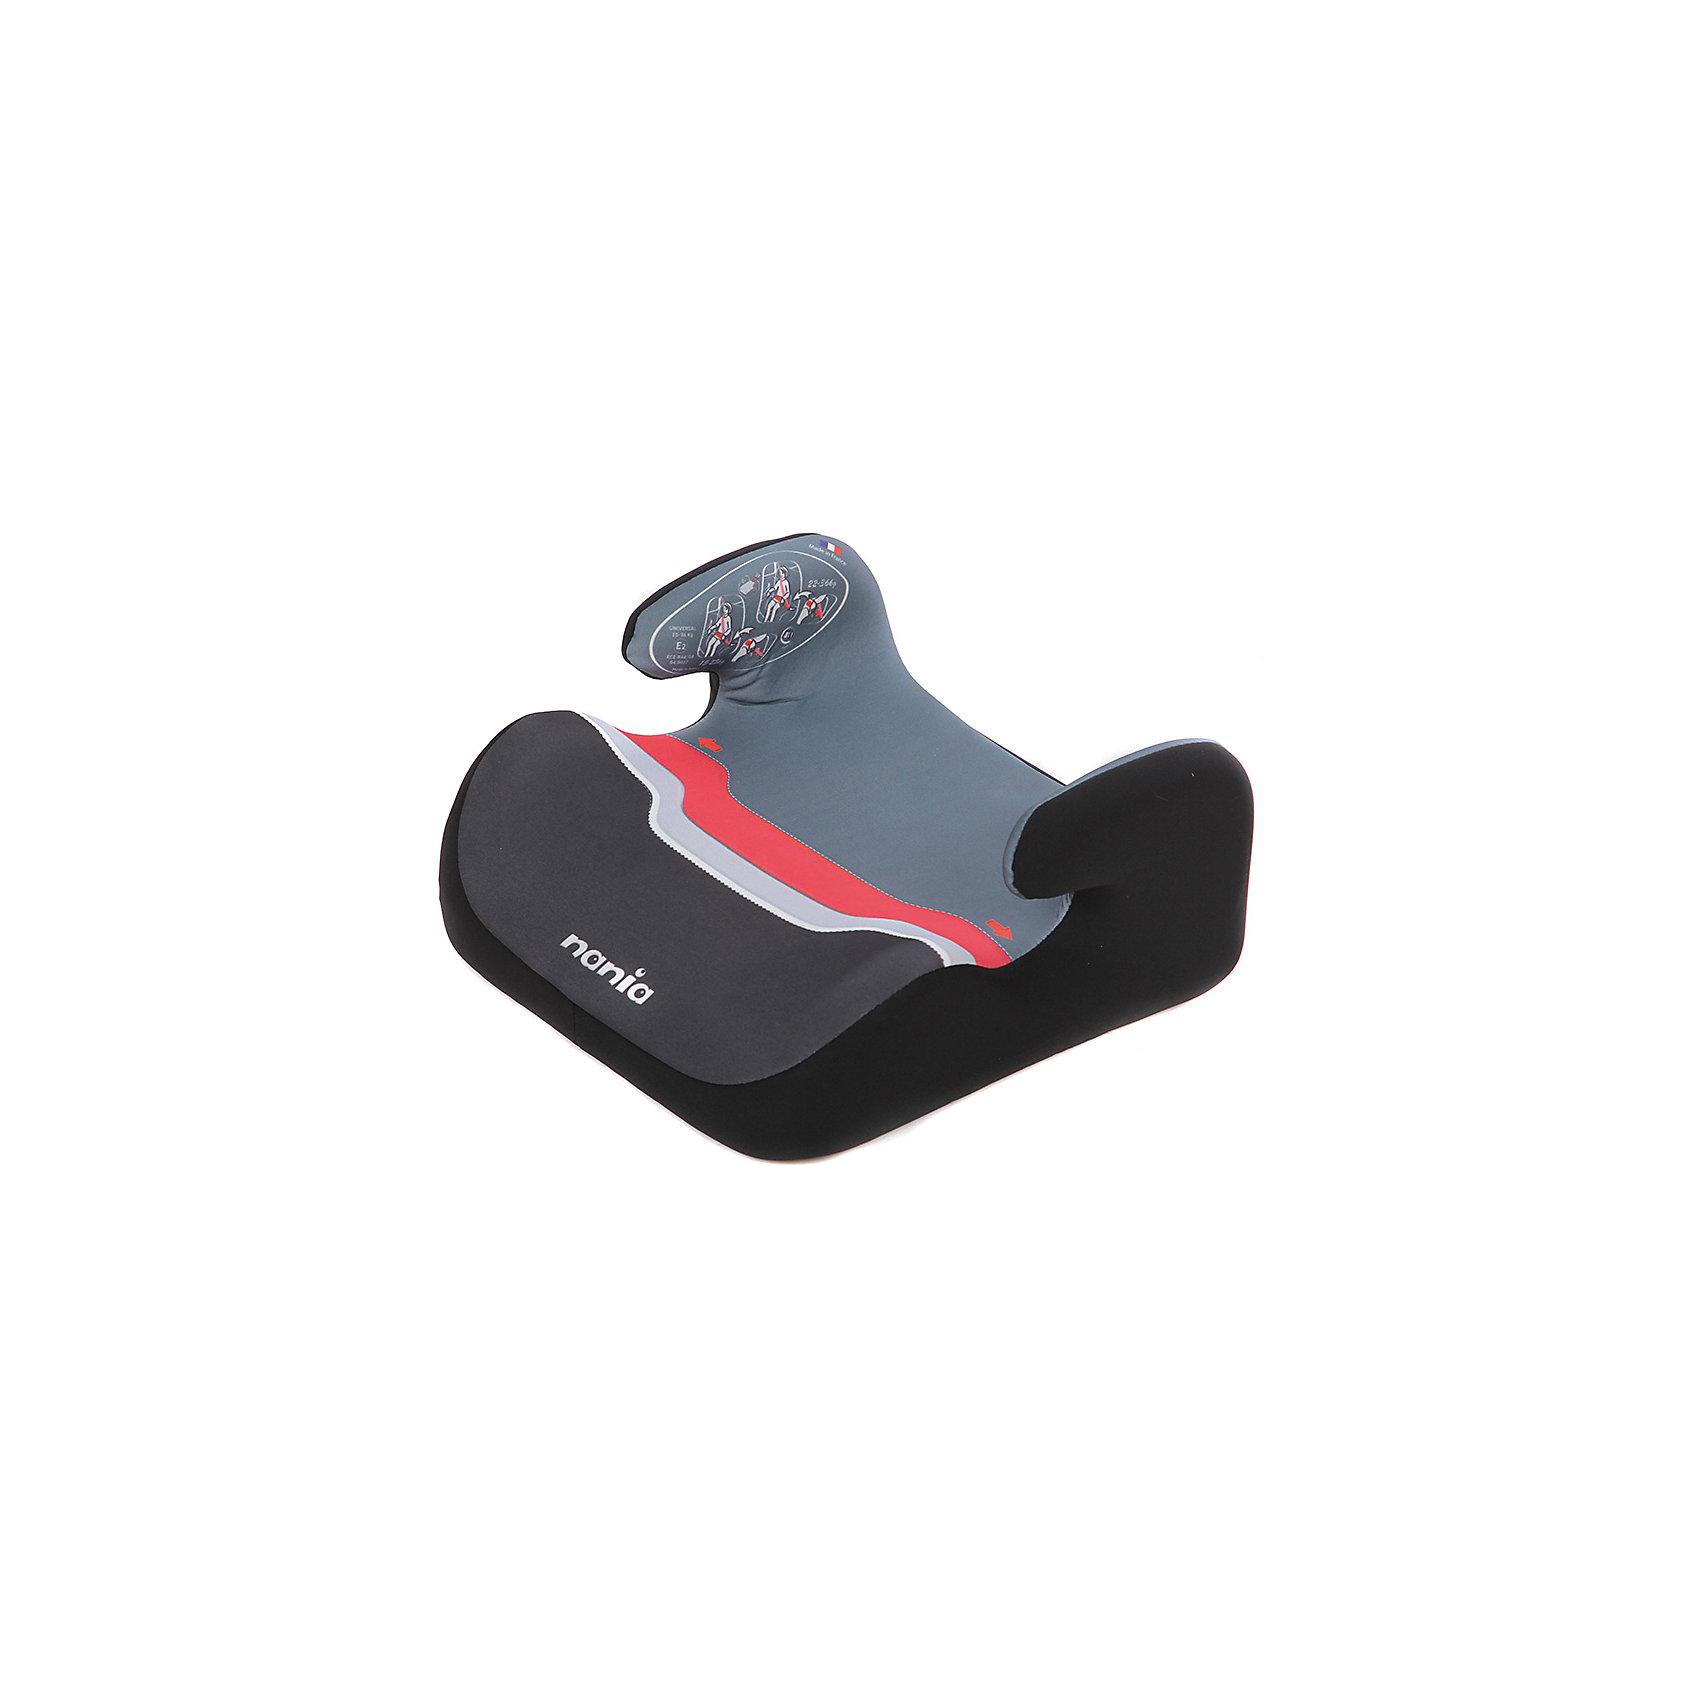 Бустер TOPO COMFORT 18-36 кг, PAPRIKA ECO HORIZON, Nania, красныйЭто простое в установке, практичное и удобное кресло-бустер для автомобиля. <br>Благодаря компактным размерам  бустер легко устанавливать и переносить. <br>Малыш будет чувствовать себя безопасно и уютно в таком бустере!<br>Бустер рекомендовано использовать для детей весом от 18 до 36 кг.<br><br>Характеристики:<br>- Группа: 2/3 (от 18 до 36кг).<br>- Съемные и моющиеся чехлы.<br>- Вид крепления: штатным ремнем автомобиля.<br>- Способ установки: только на задним сиденье лицом по направлению движения.<br><br>Дополнительная информация:<br><br>- Возраст: от 4 до 10 лет.<br>- Материал: пластик, текстиль.<br>- Цвет: красный.<br>- Размер упаковки: 39х43х14 см.<br>- Вес в упаковке: 2120 г.<br><br>Купить бустер TOPO COMFORT 18-36 кг, PAPRIKA ECO HORIZON, Nania, в красном цвете, можно в нашем магазине.<br><br>Ширина мм: 390<br>Глубина мм: 430<br>Высота мм: 140<br>Вес г: 2120<br>Возраст от месяцев: 36<br>Возраст до месяцев: 144<br>Пол: Унисекс<br>Возраст: Детский<br>SKU: 4828315